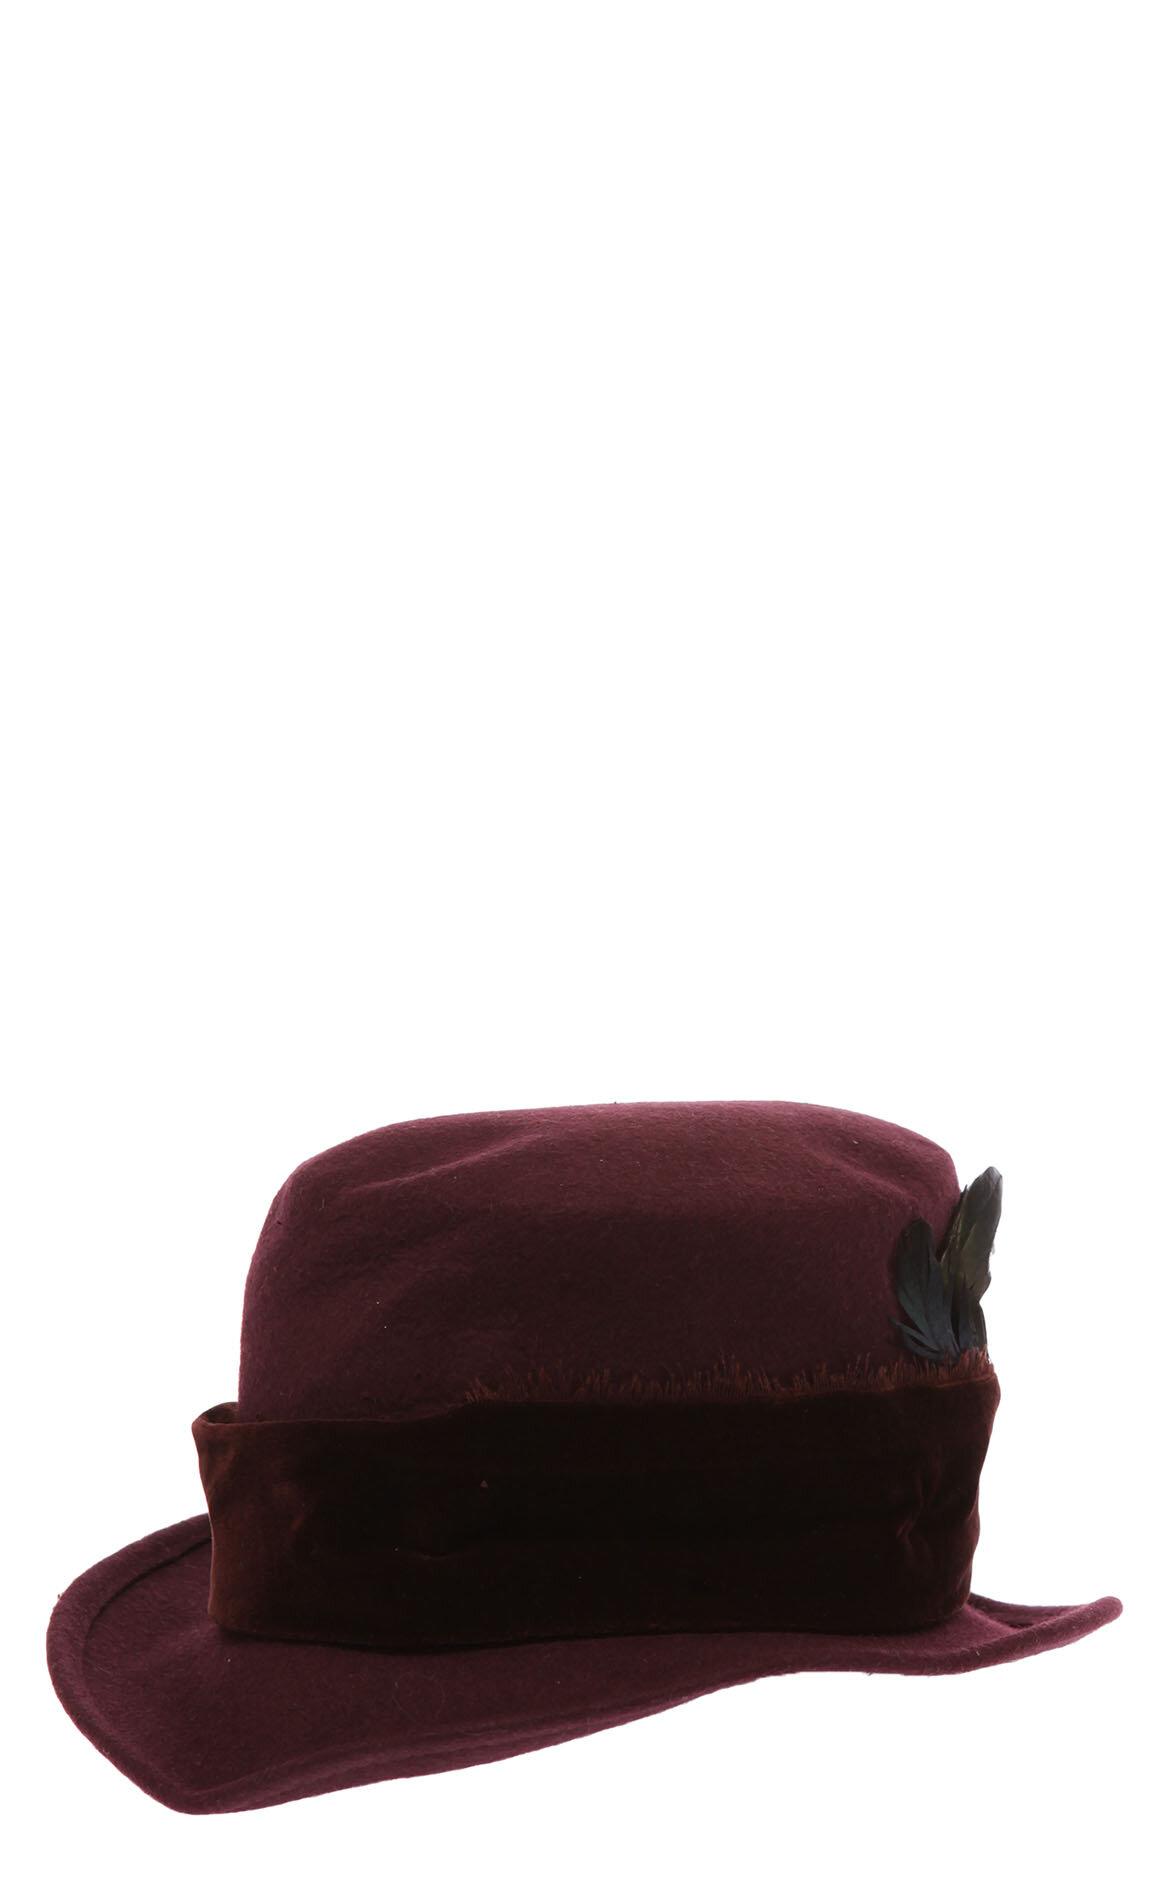 Messagerie-Messagerie Şapka